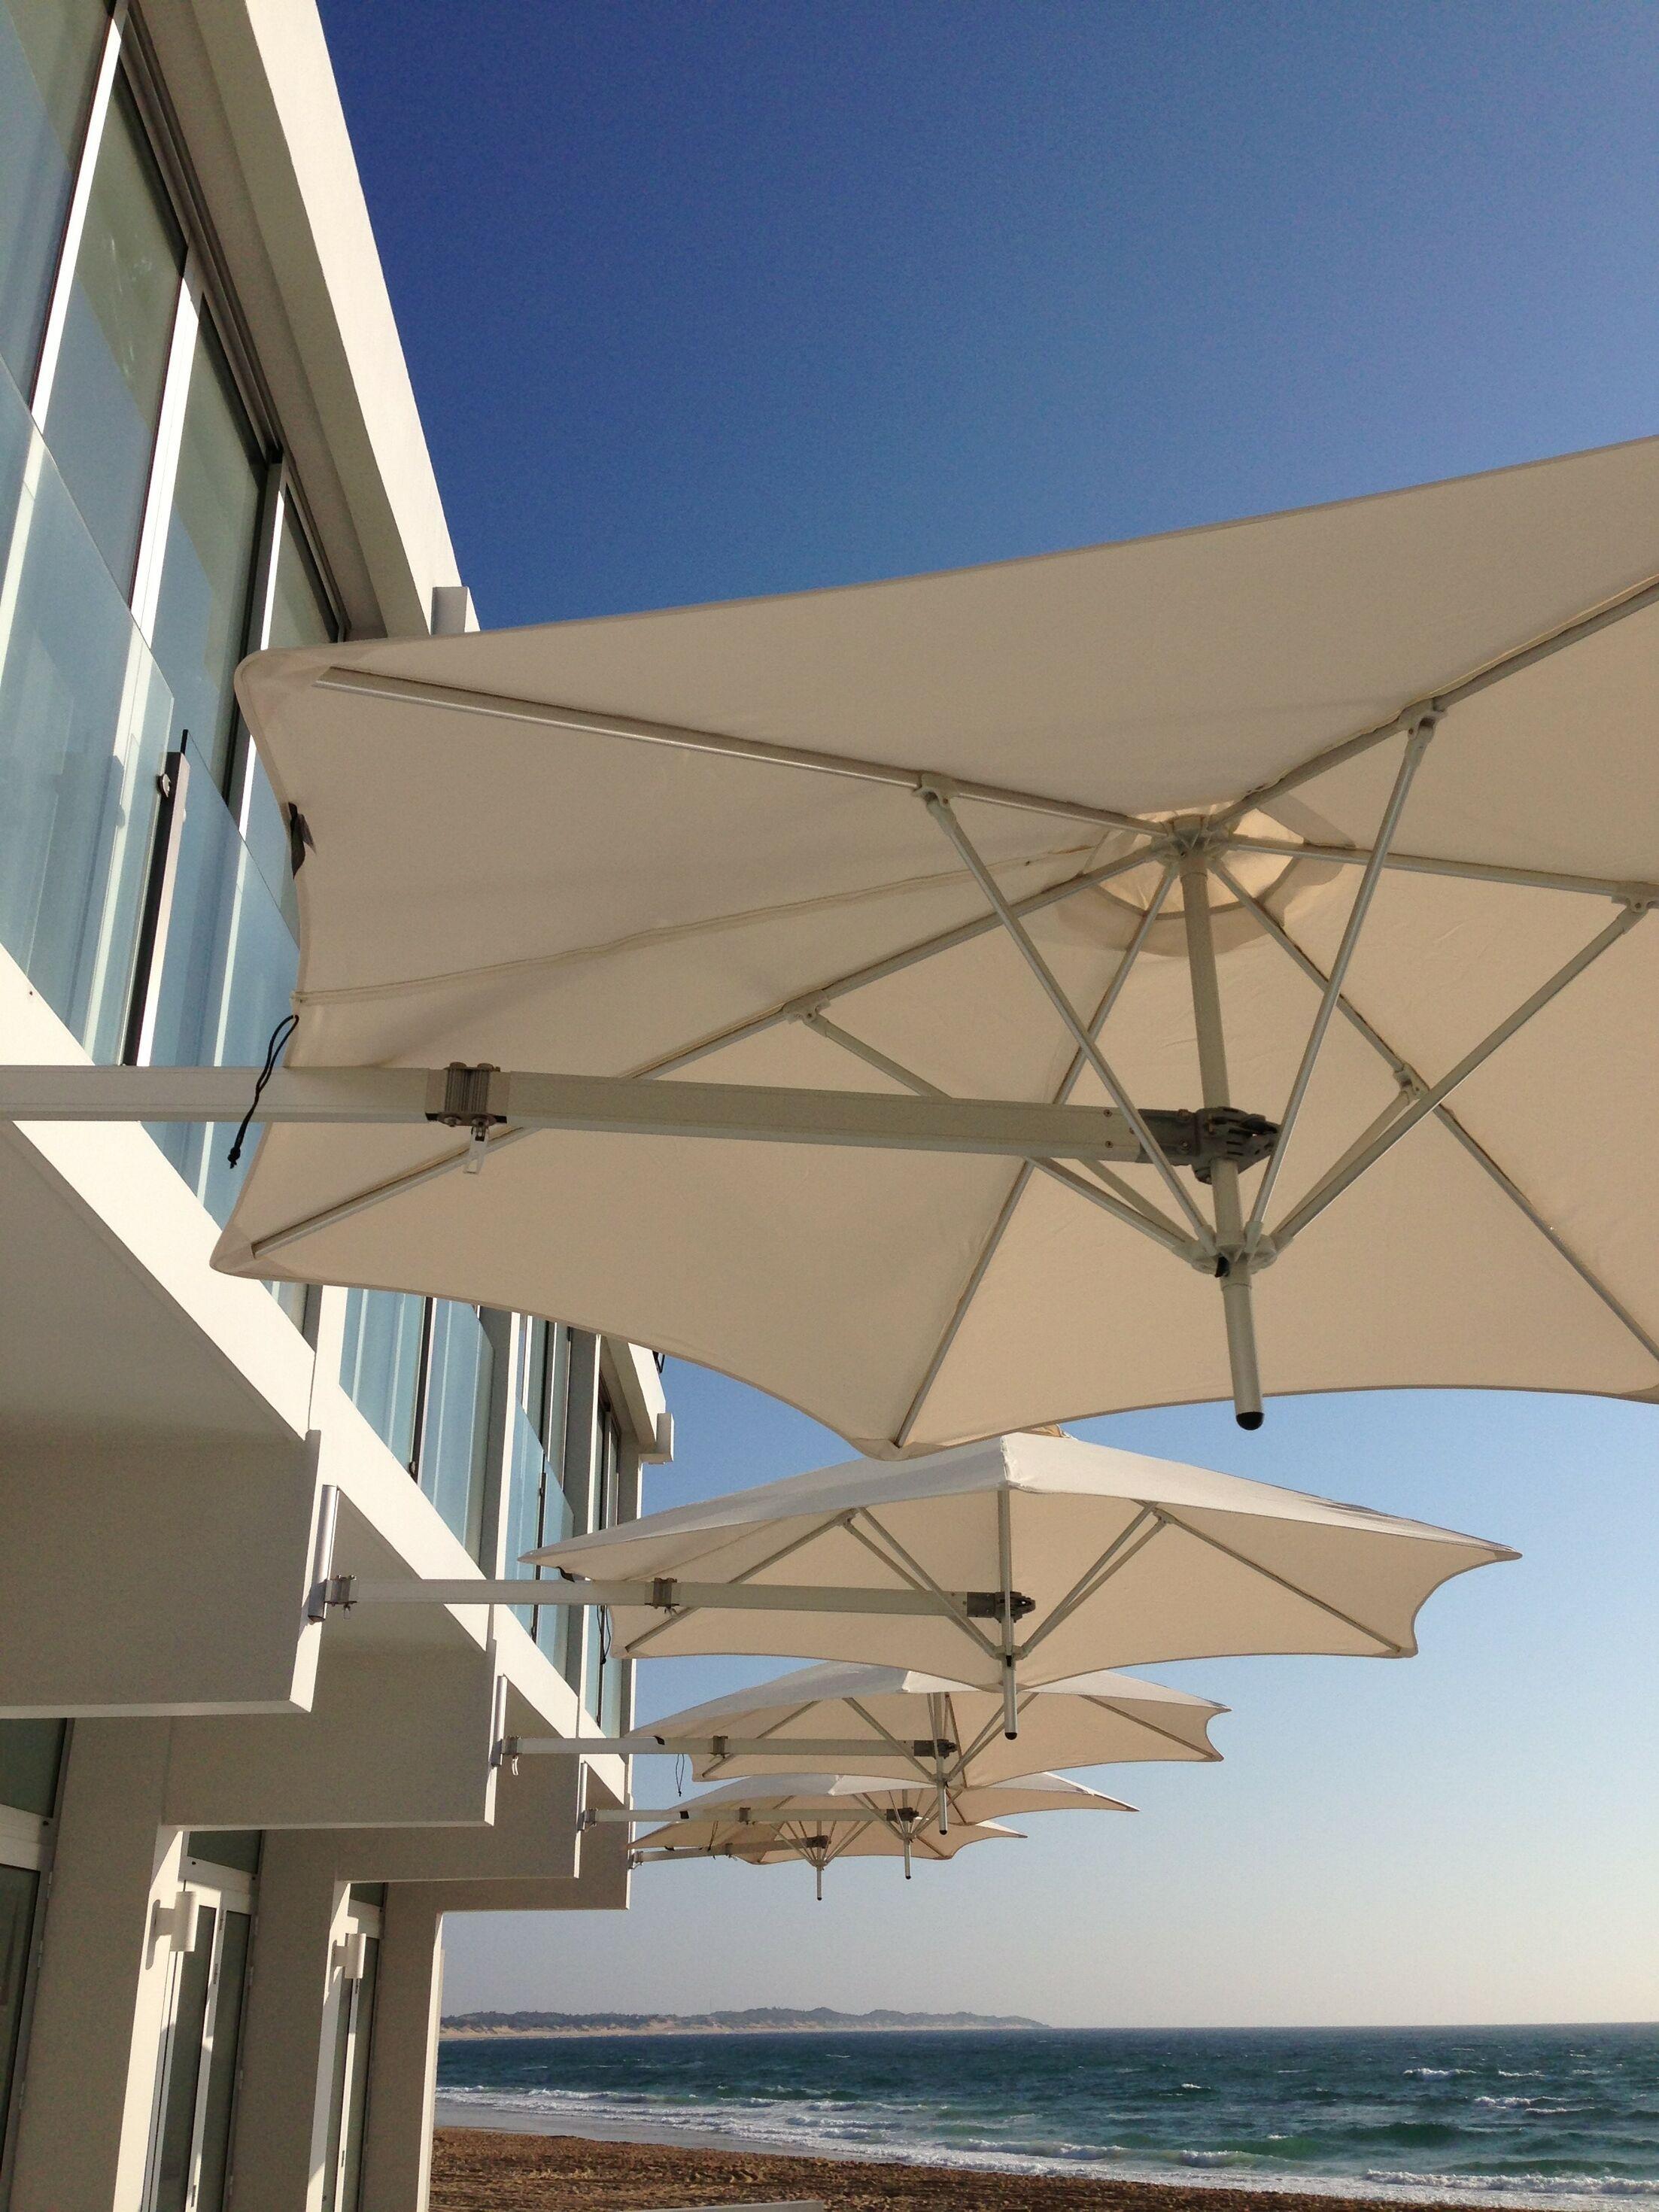 Paraflex 9' Wall Mount Umbrella Fabric: Texsilk Olefin - Natural